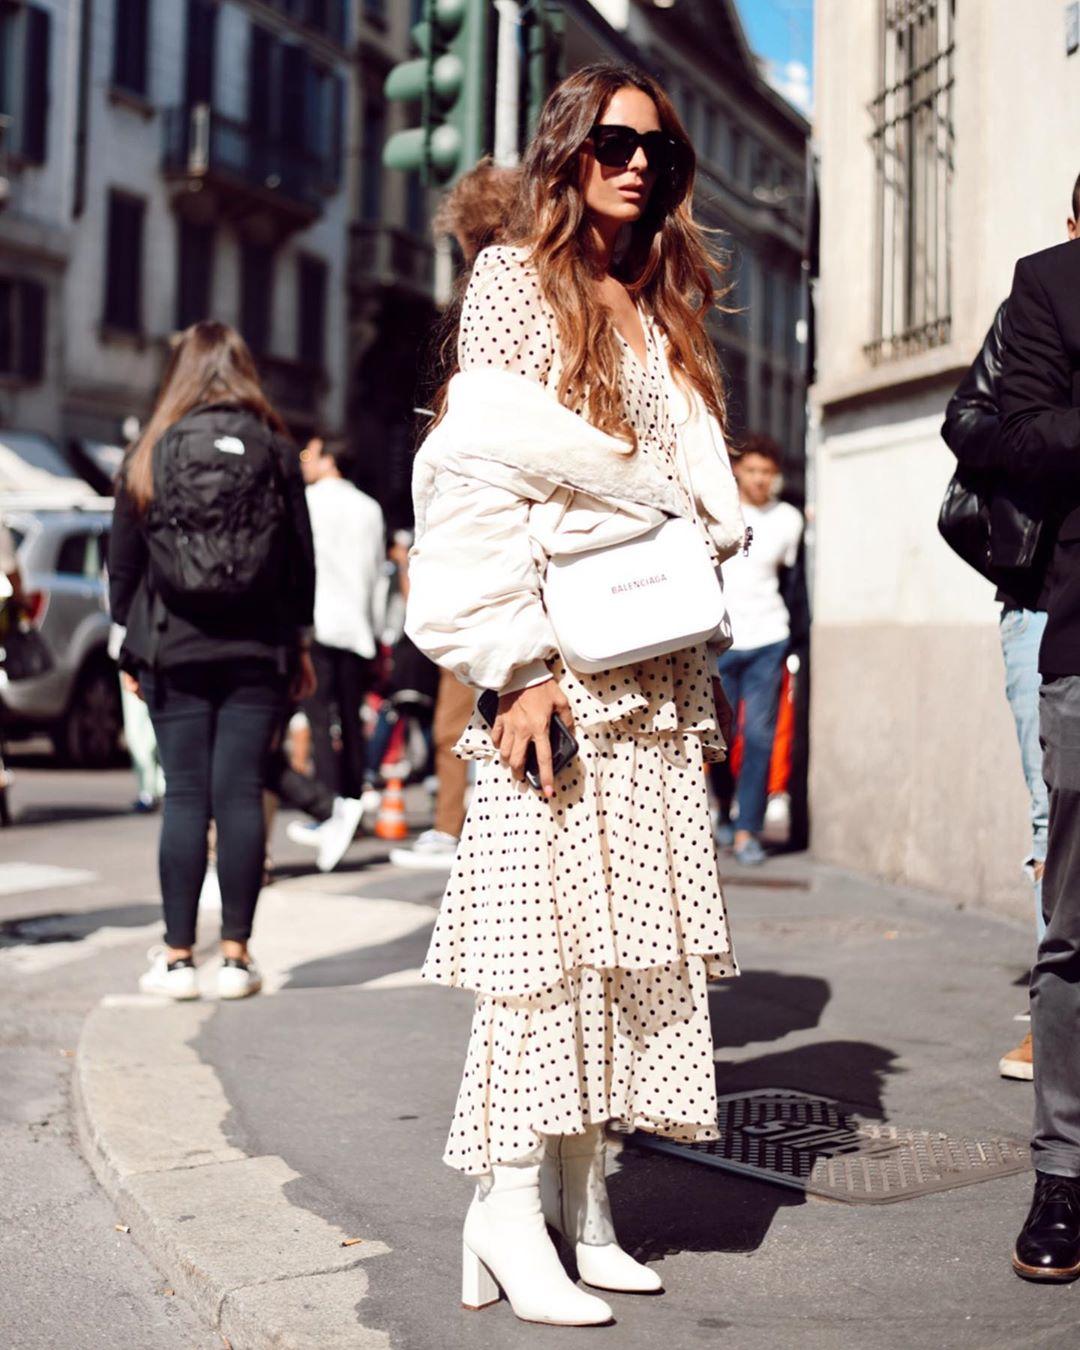 high heeled leather knee high boots de Zara sur mariatilve